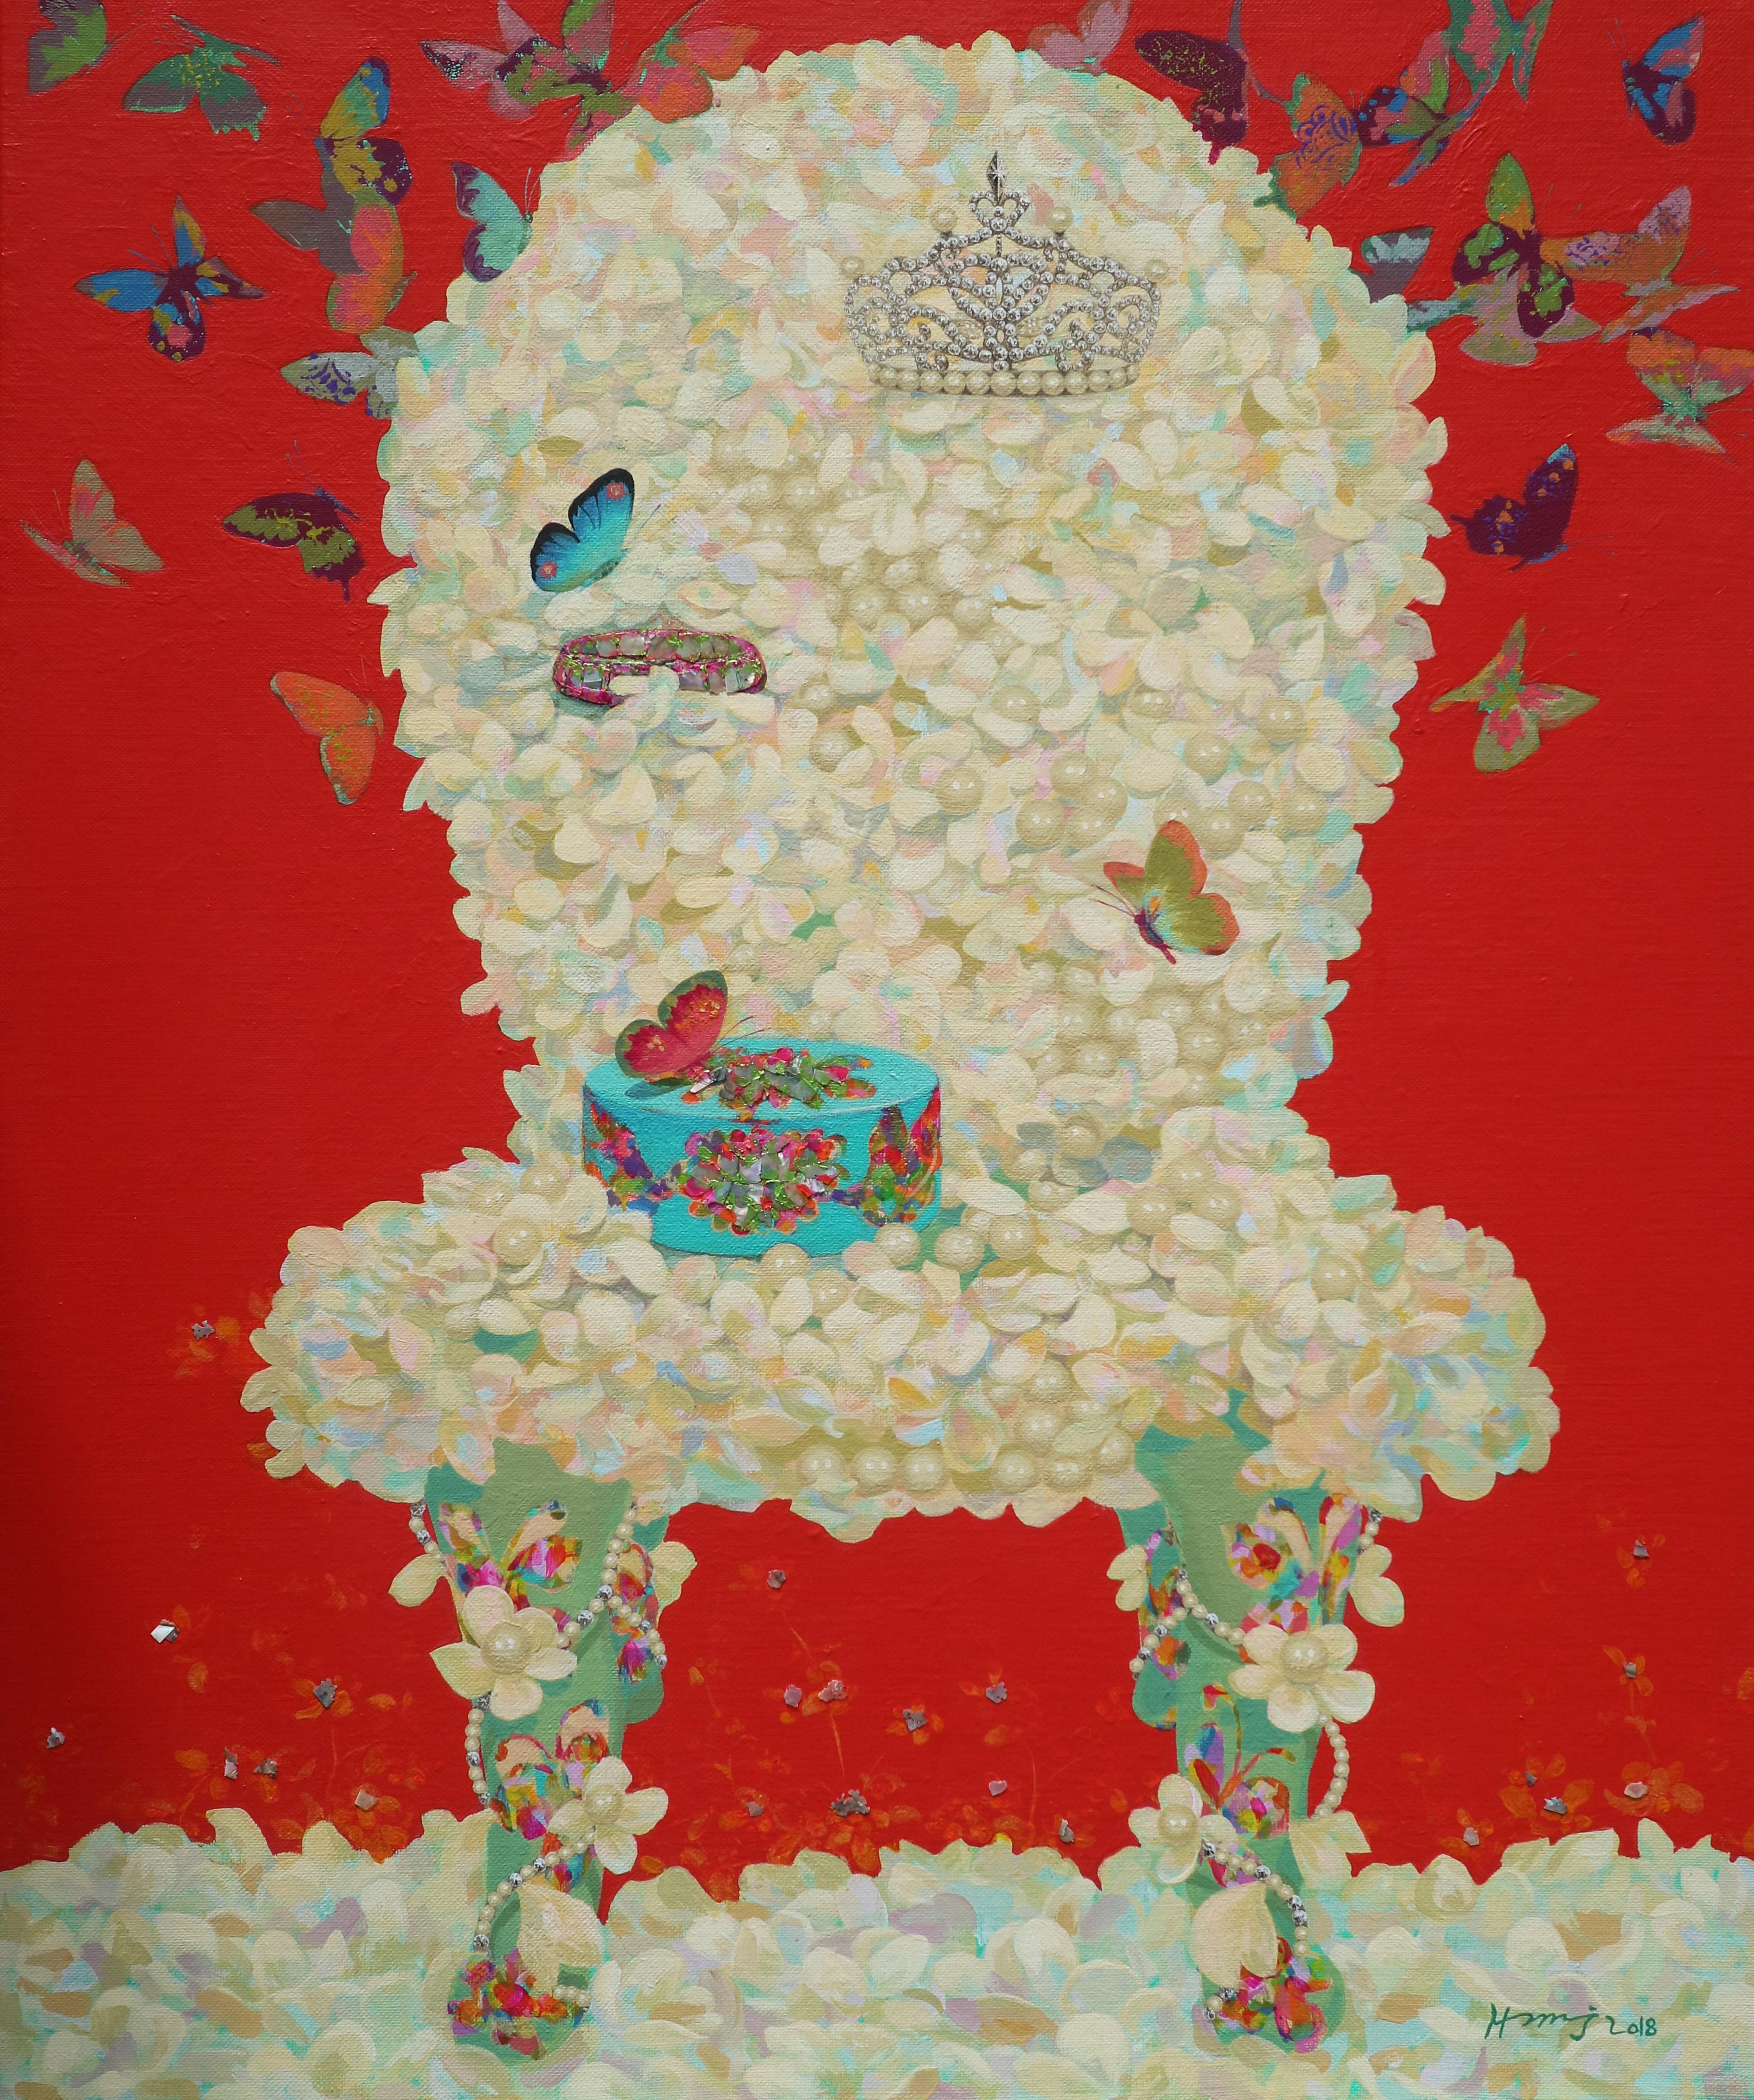 그녀의 웨딩 72.7x60.6cm Acrylic on canvas 2018